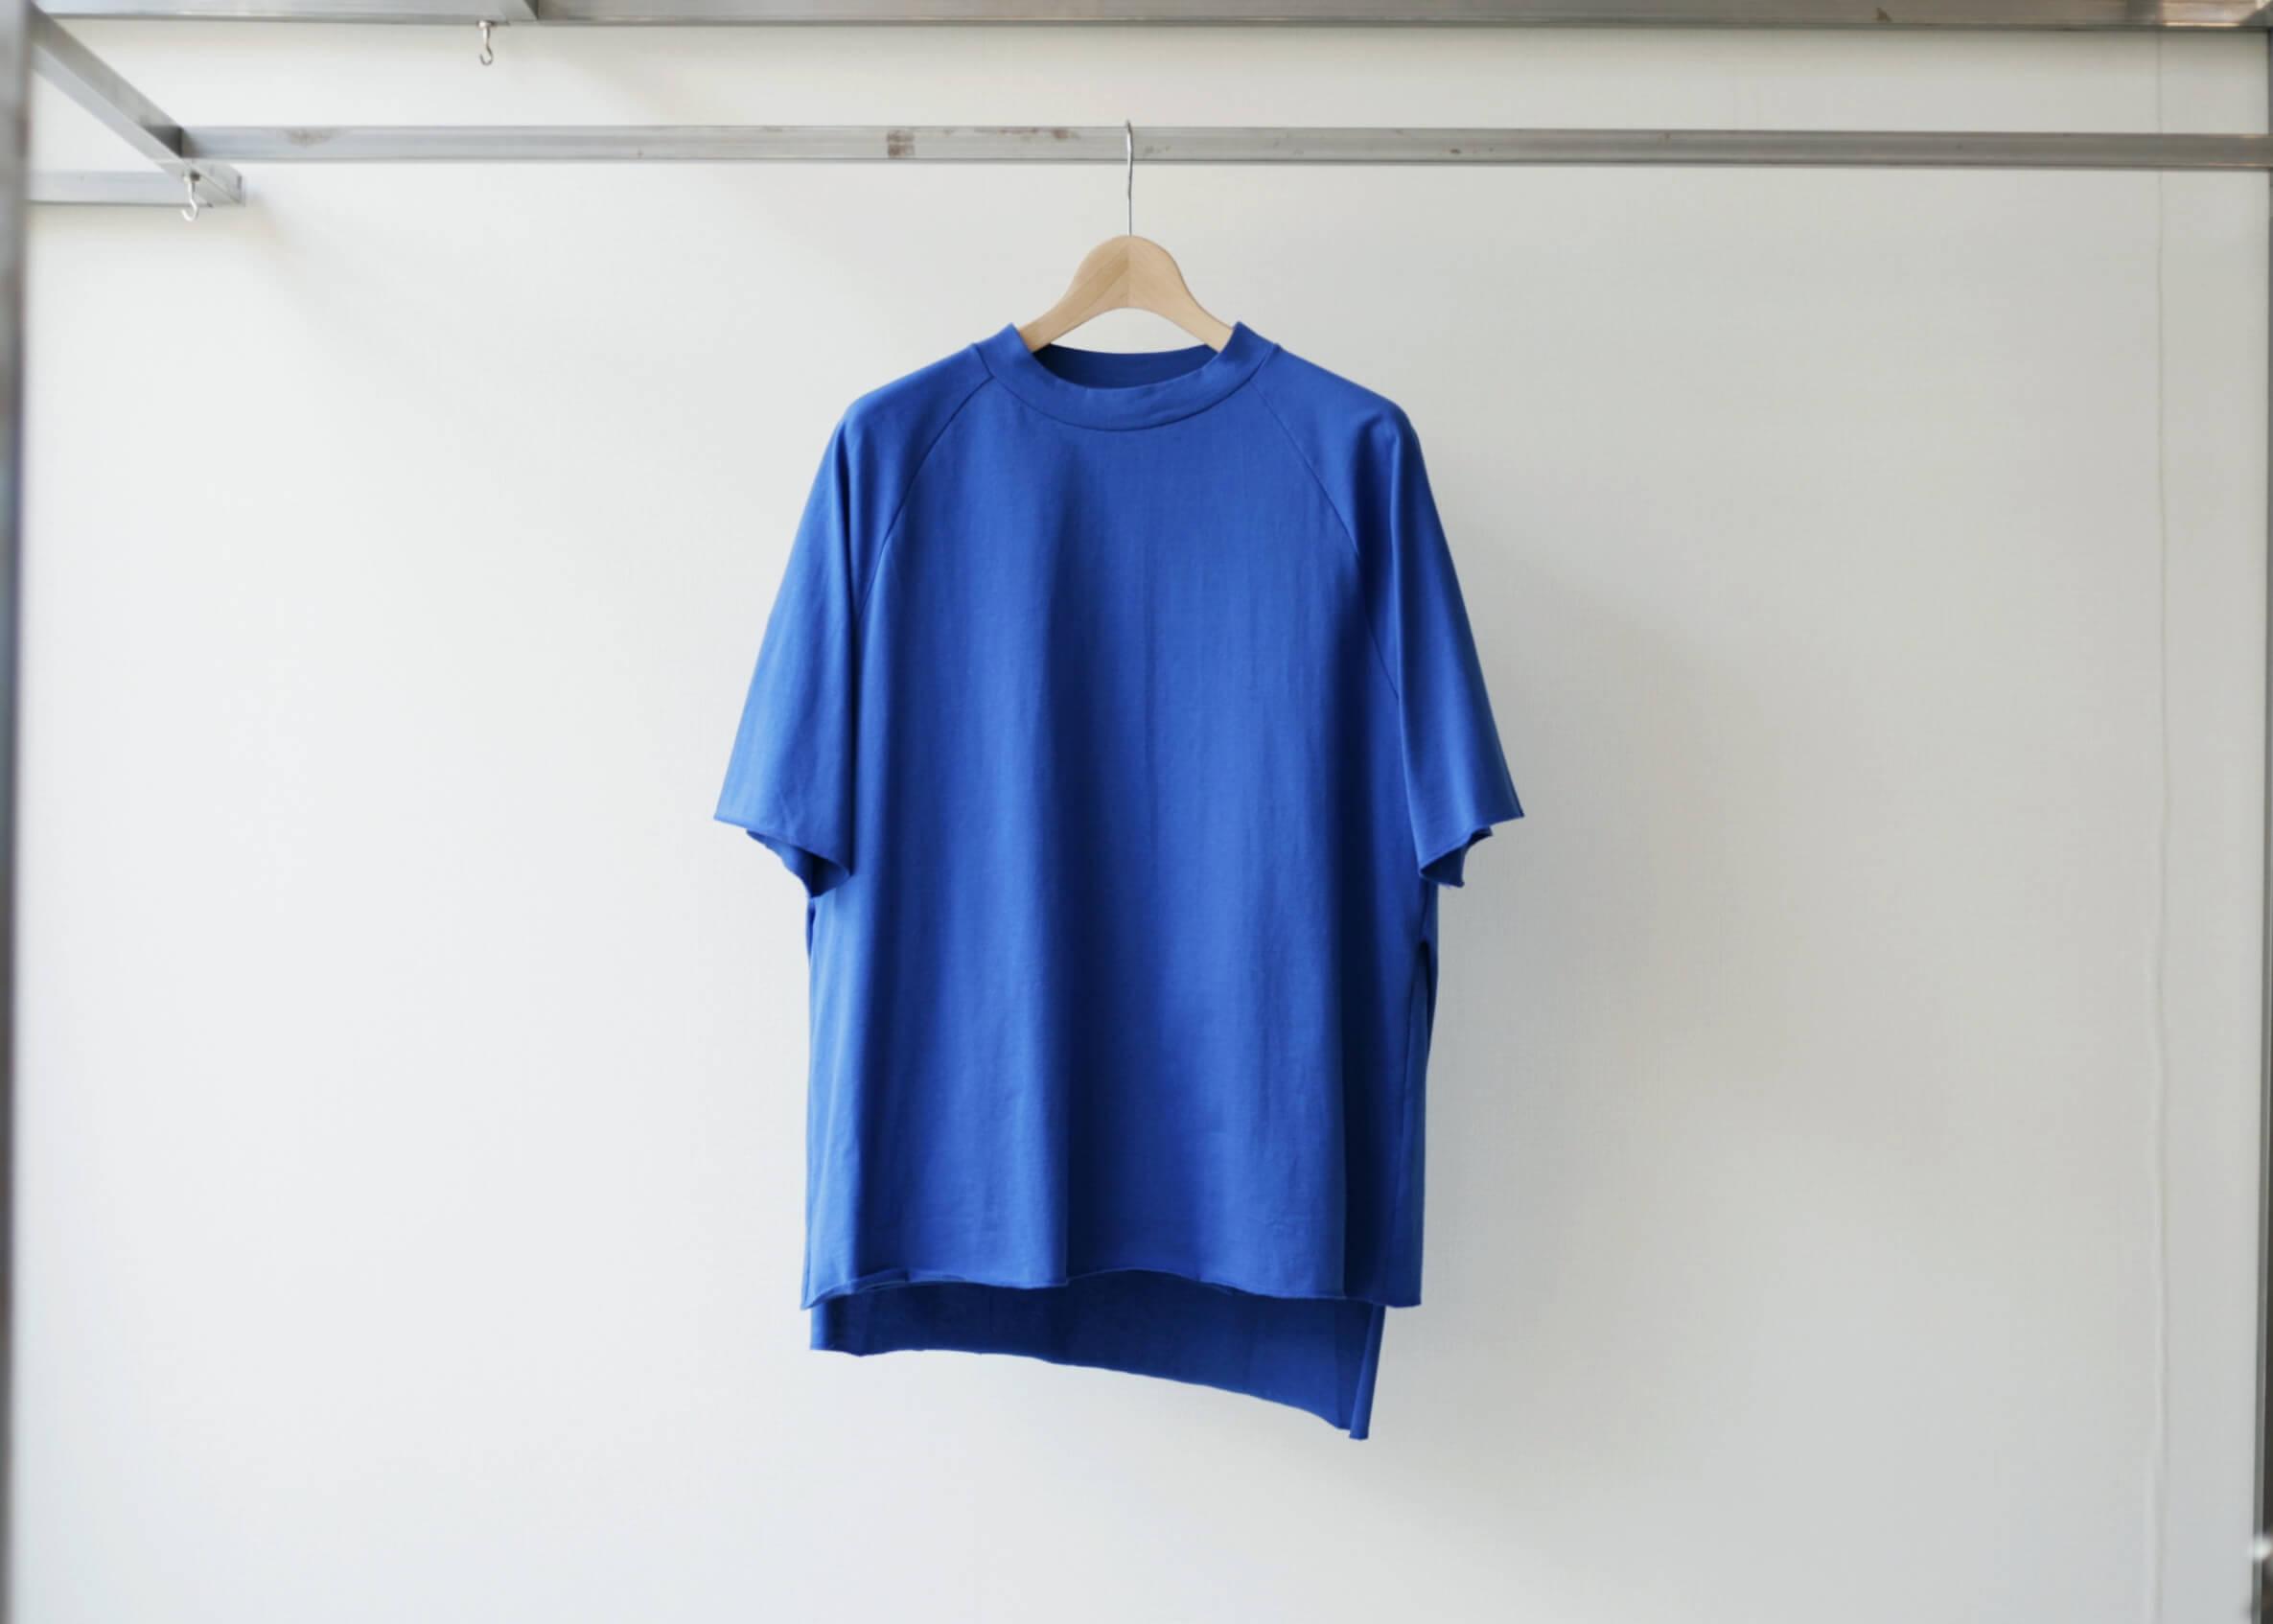 thee apron s/s blueの正面からの写真